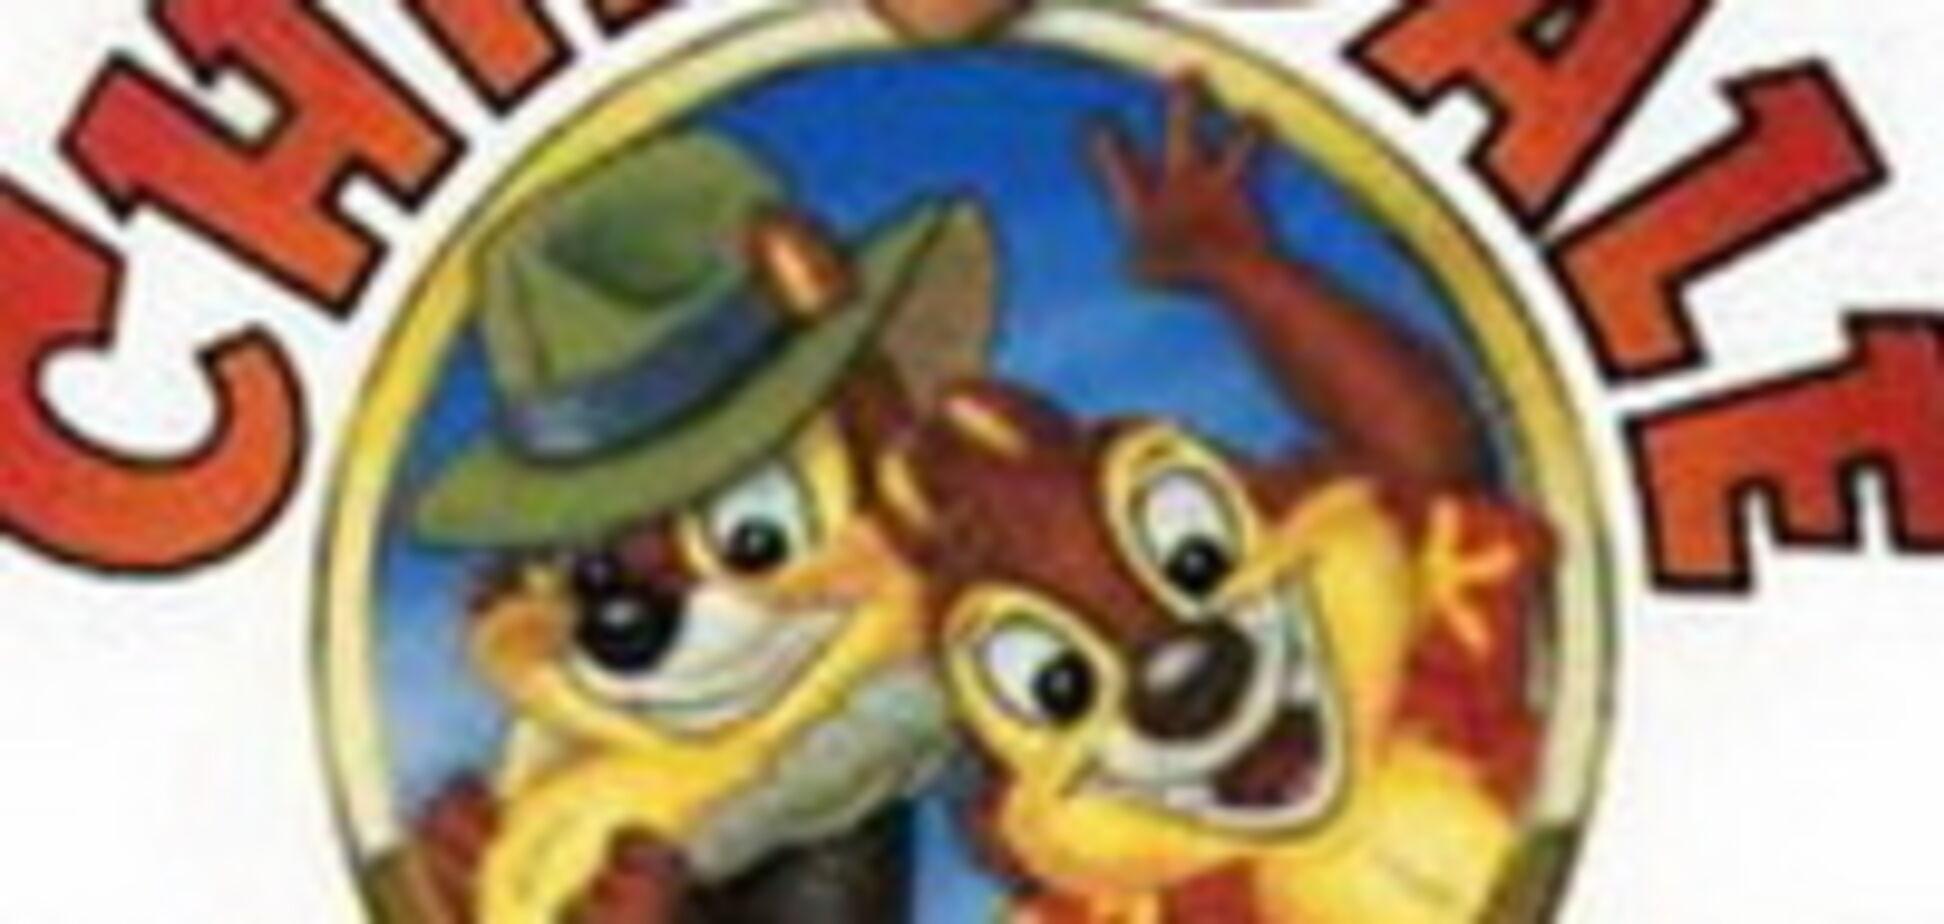 Пам'ятаєш 'Чіпа і Дейла'? Все про улюбленому мультику дитинства